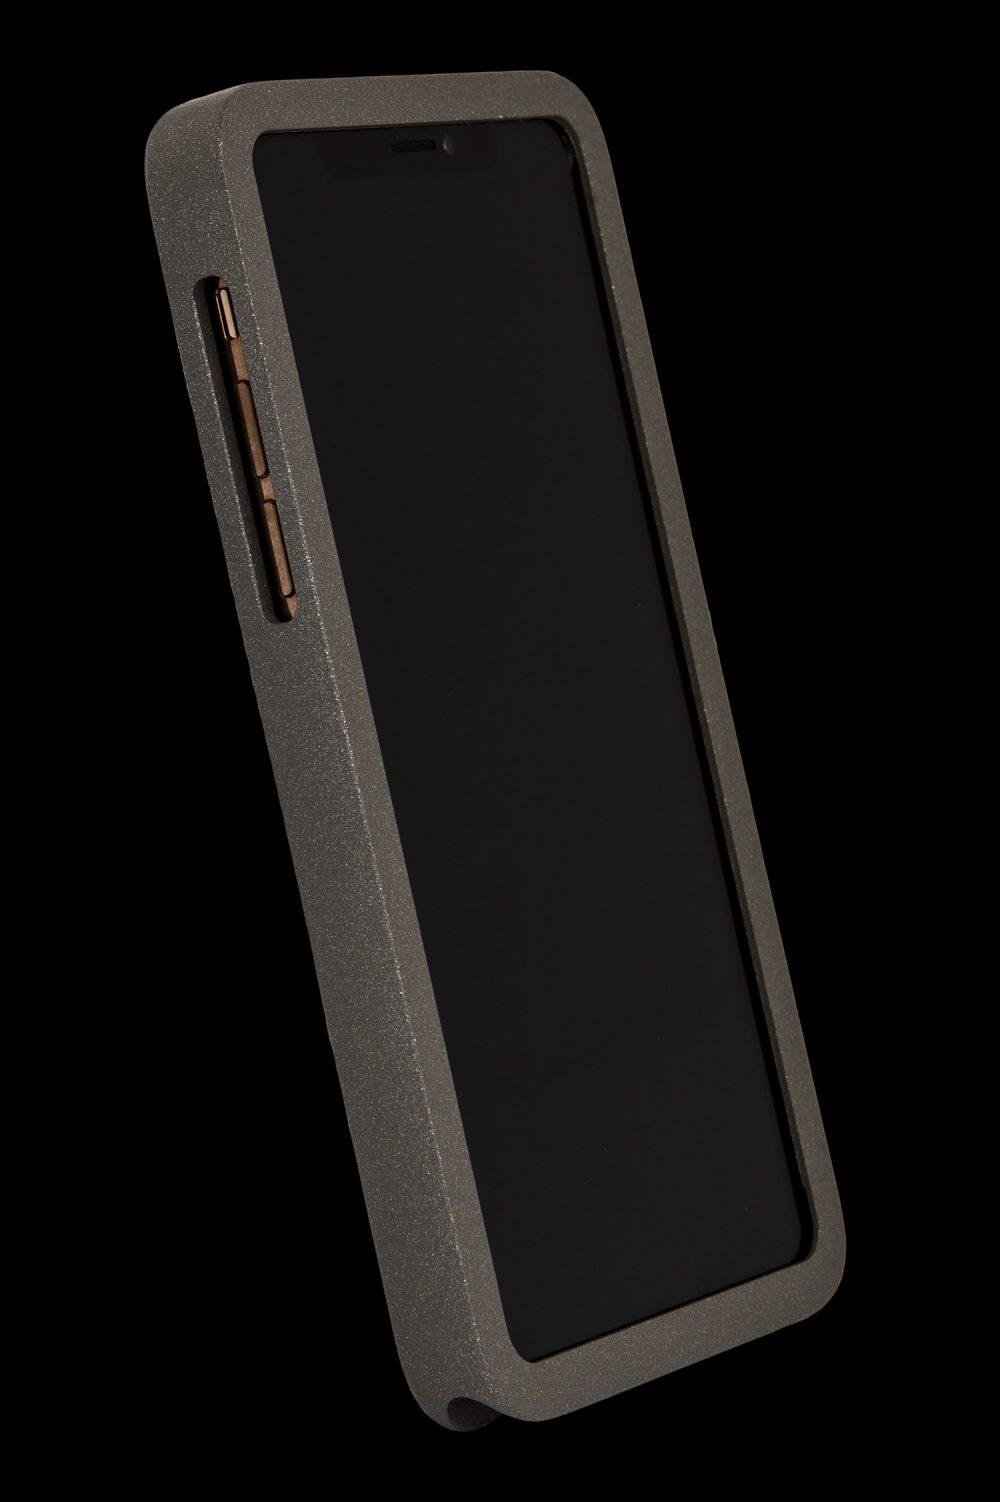 Strålningsskyddande mobilskal i granite grey aluminium från RP of Sweden